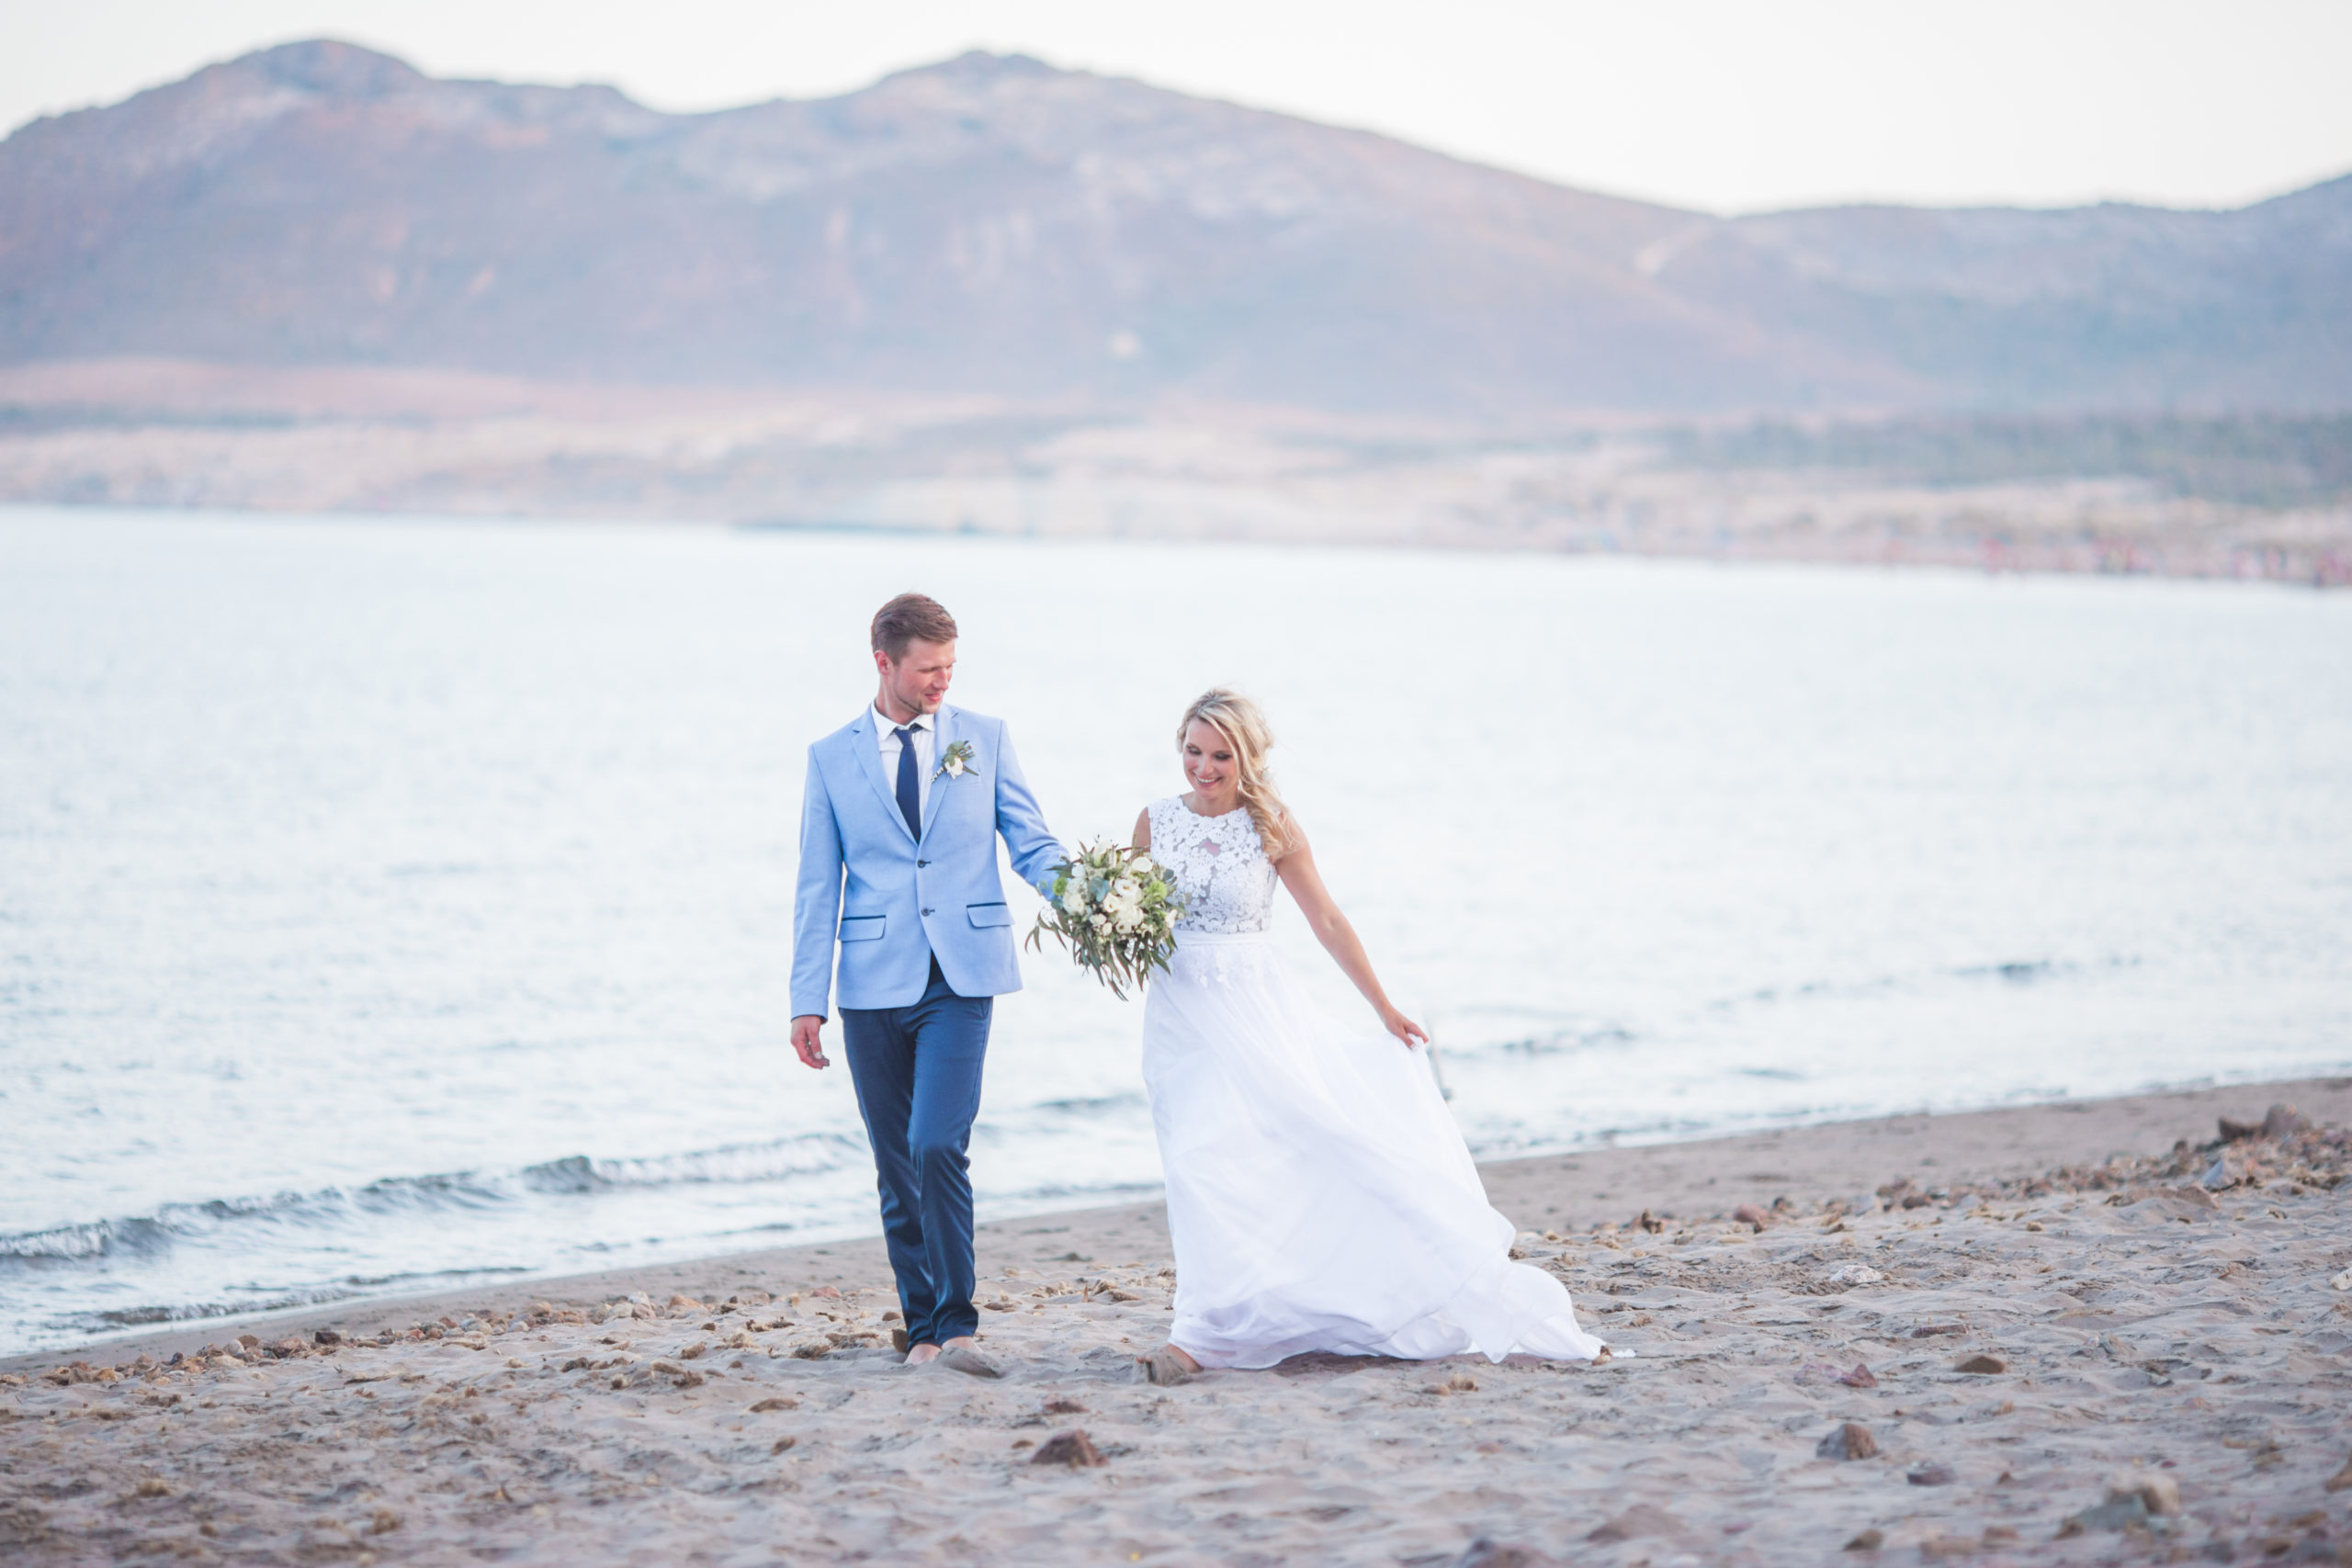 Hochzeit am Strand – traumhaft heiraten am Meer